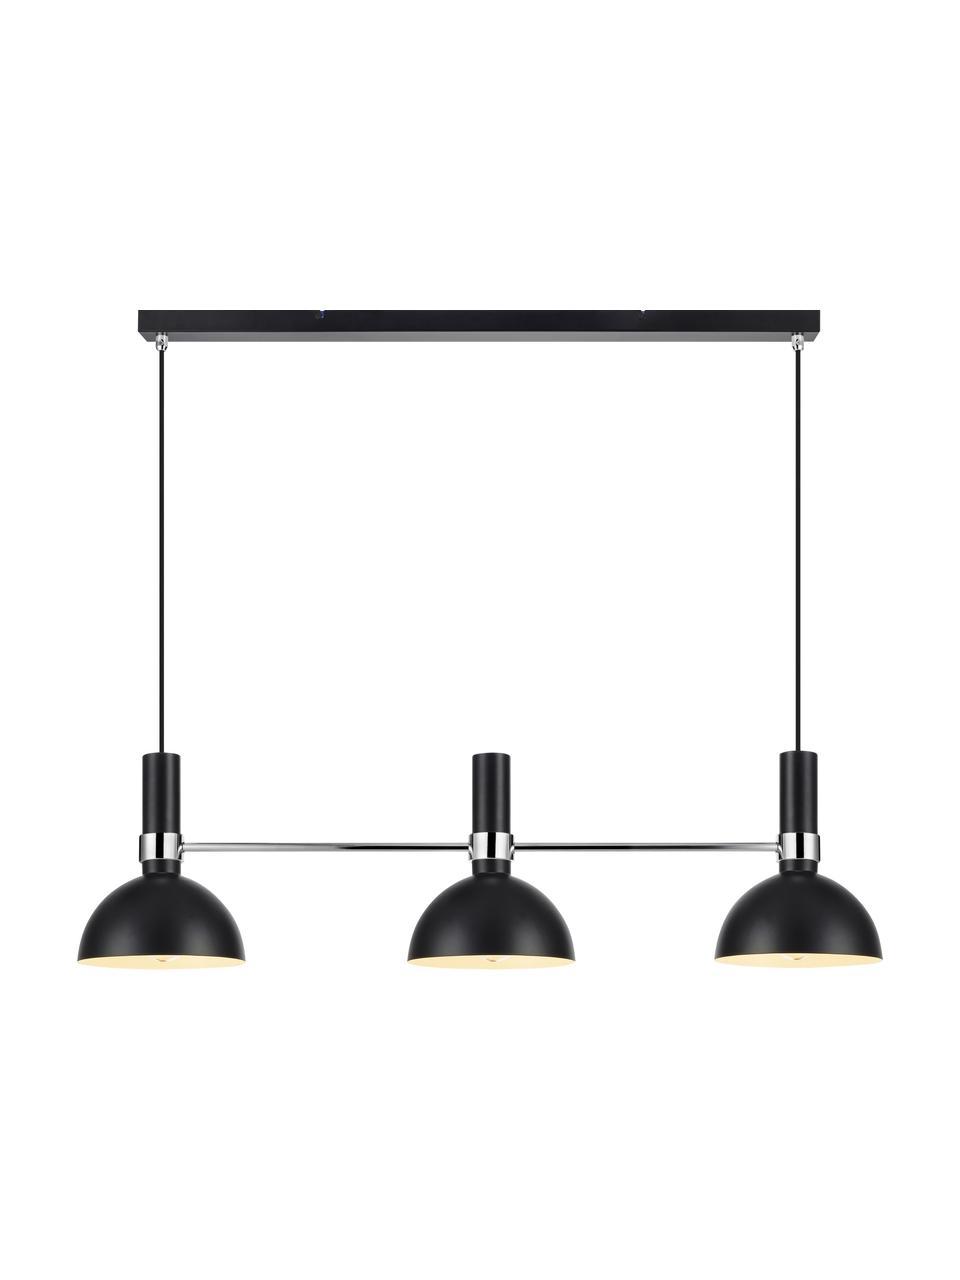 Duża lampa wisząca Larry, Czarny, chrom, S 100 x W 24 cm